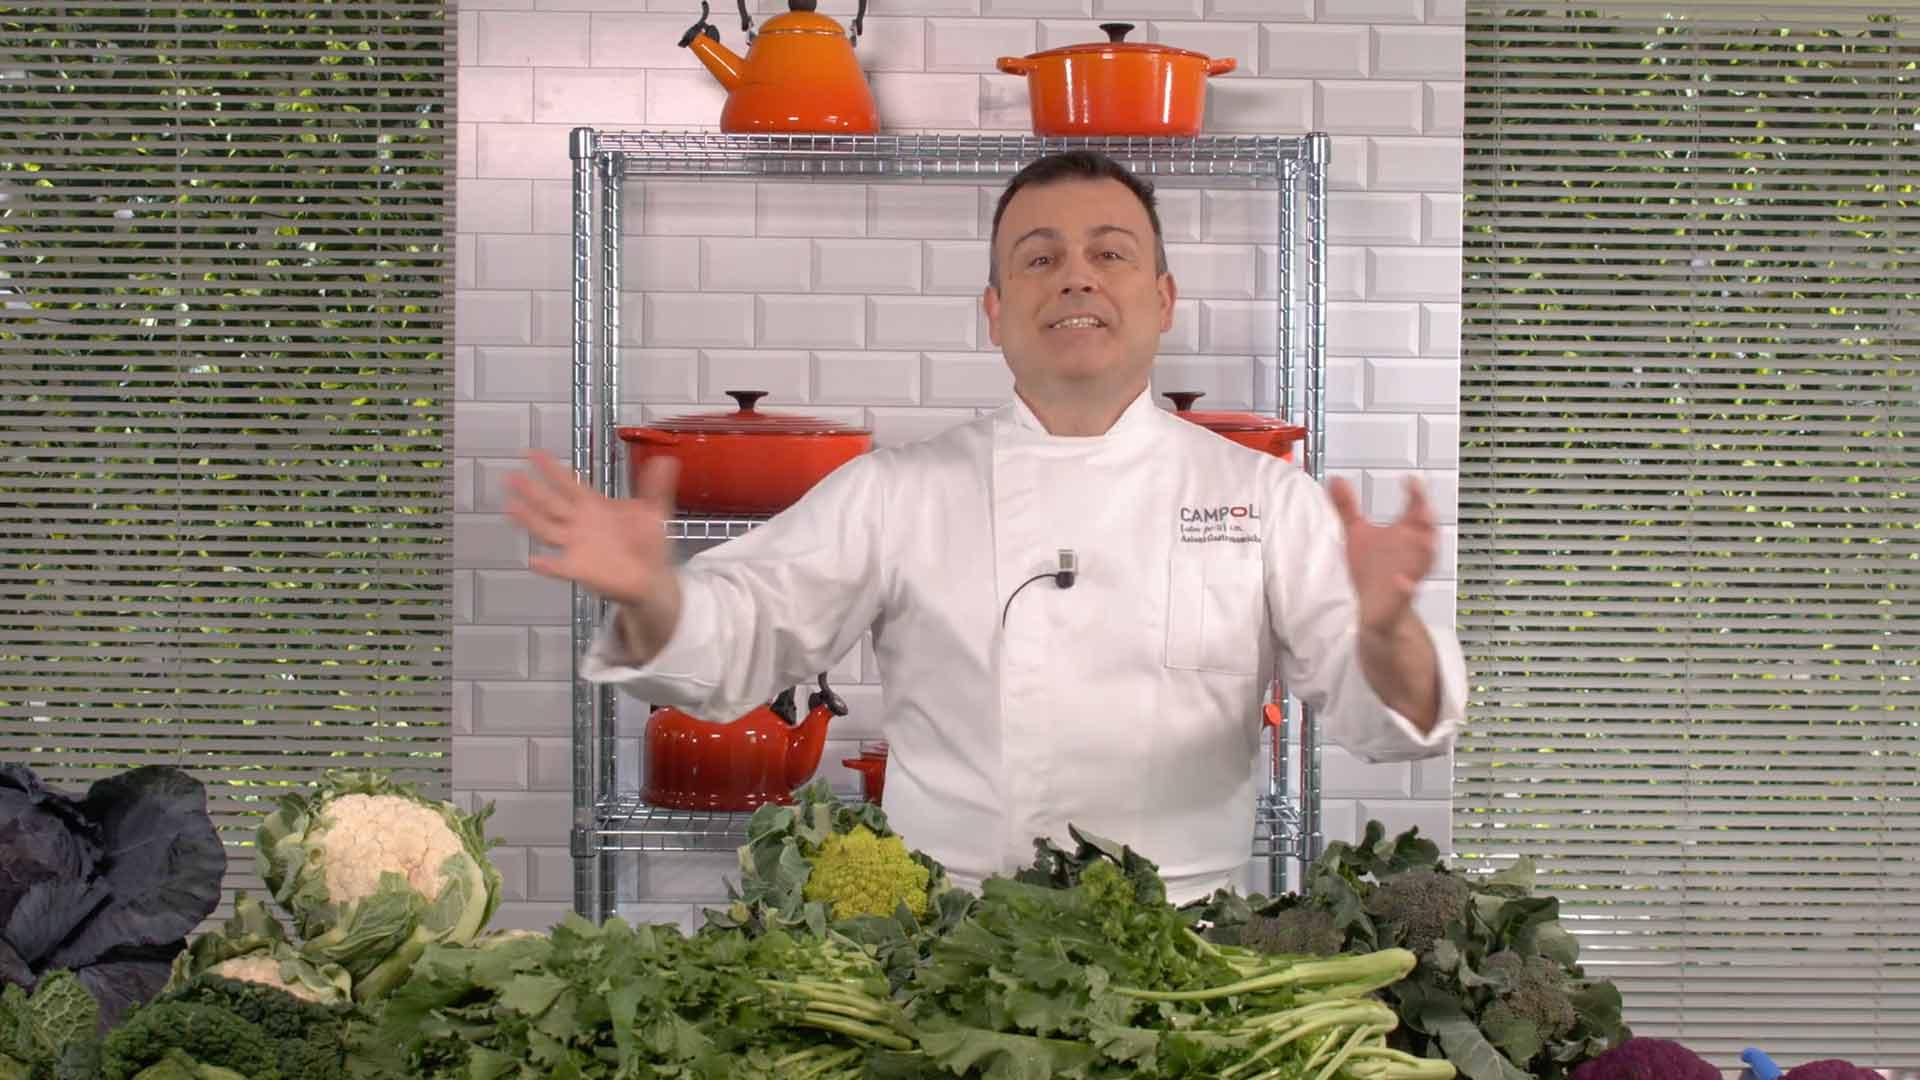 cavoli e broccoli